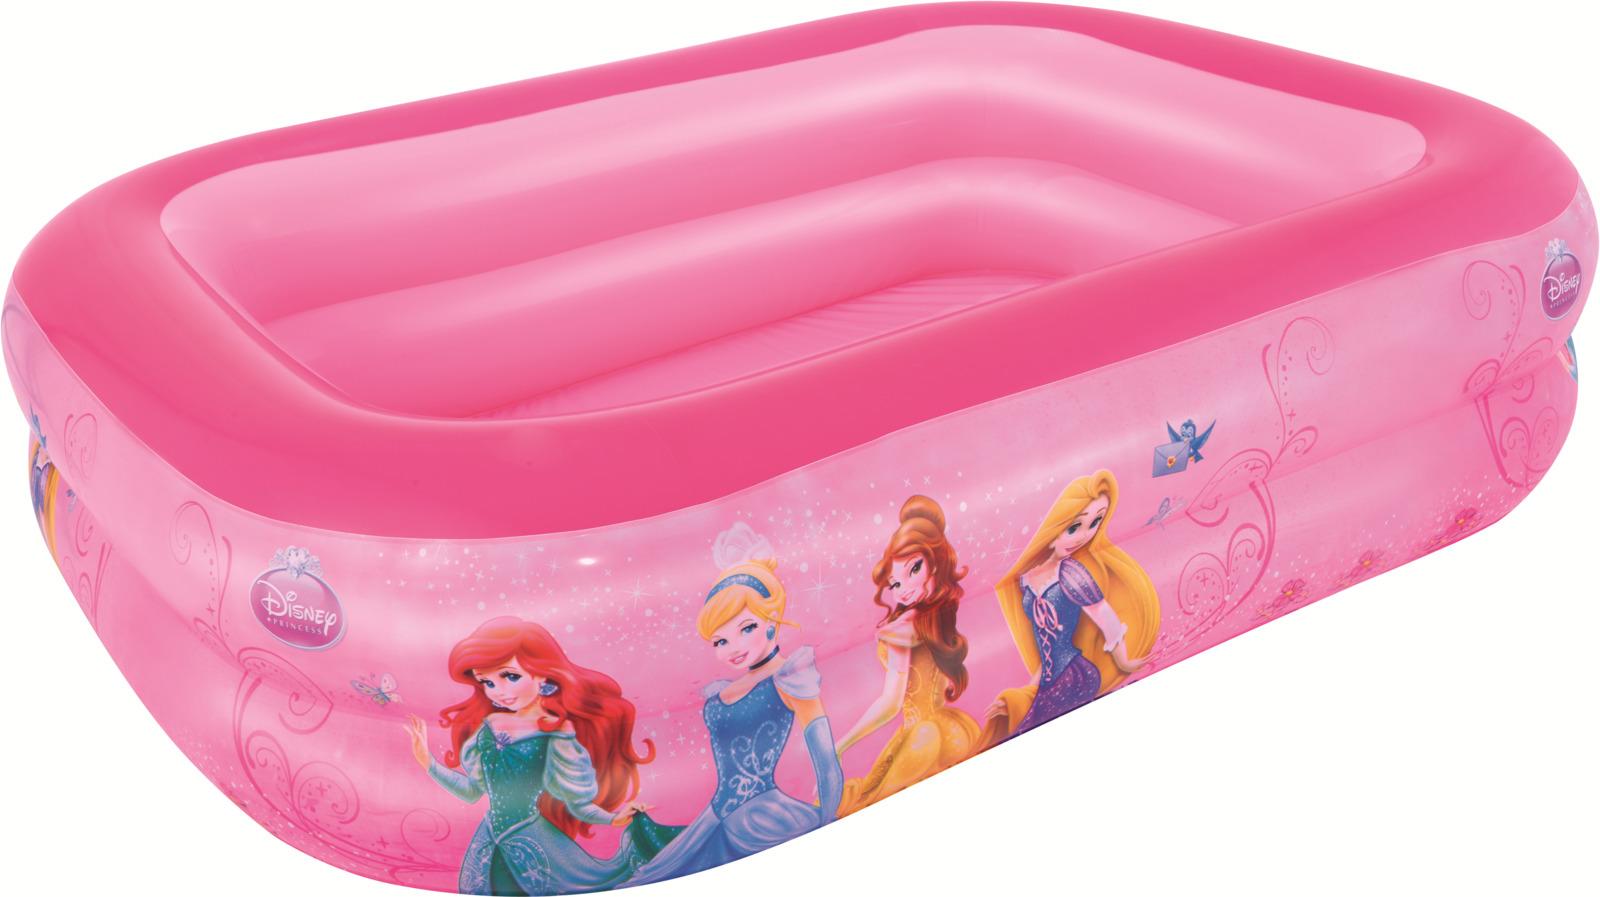 Бассейн надувной Bestway Disney Princess, 450 л цена